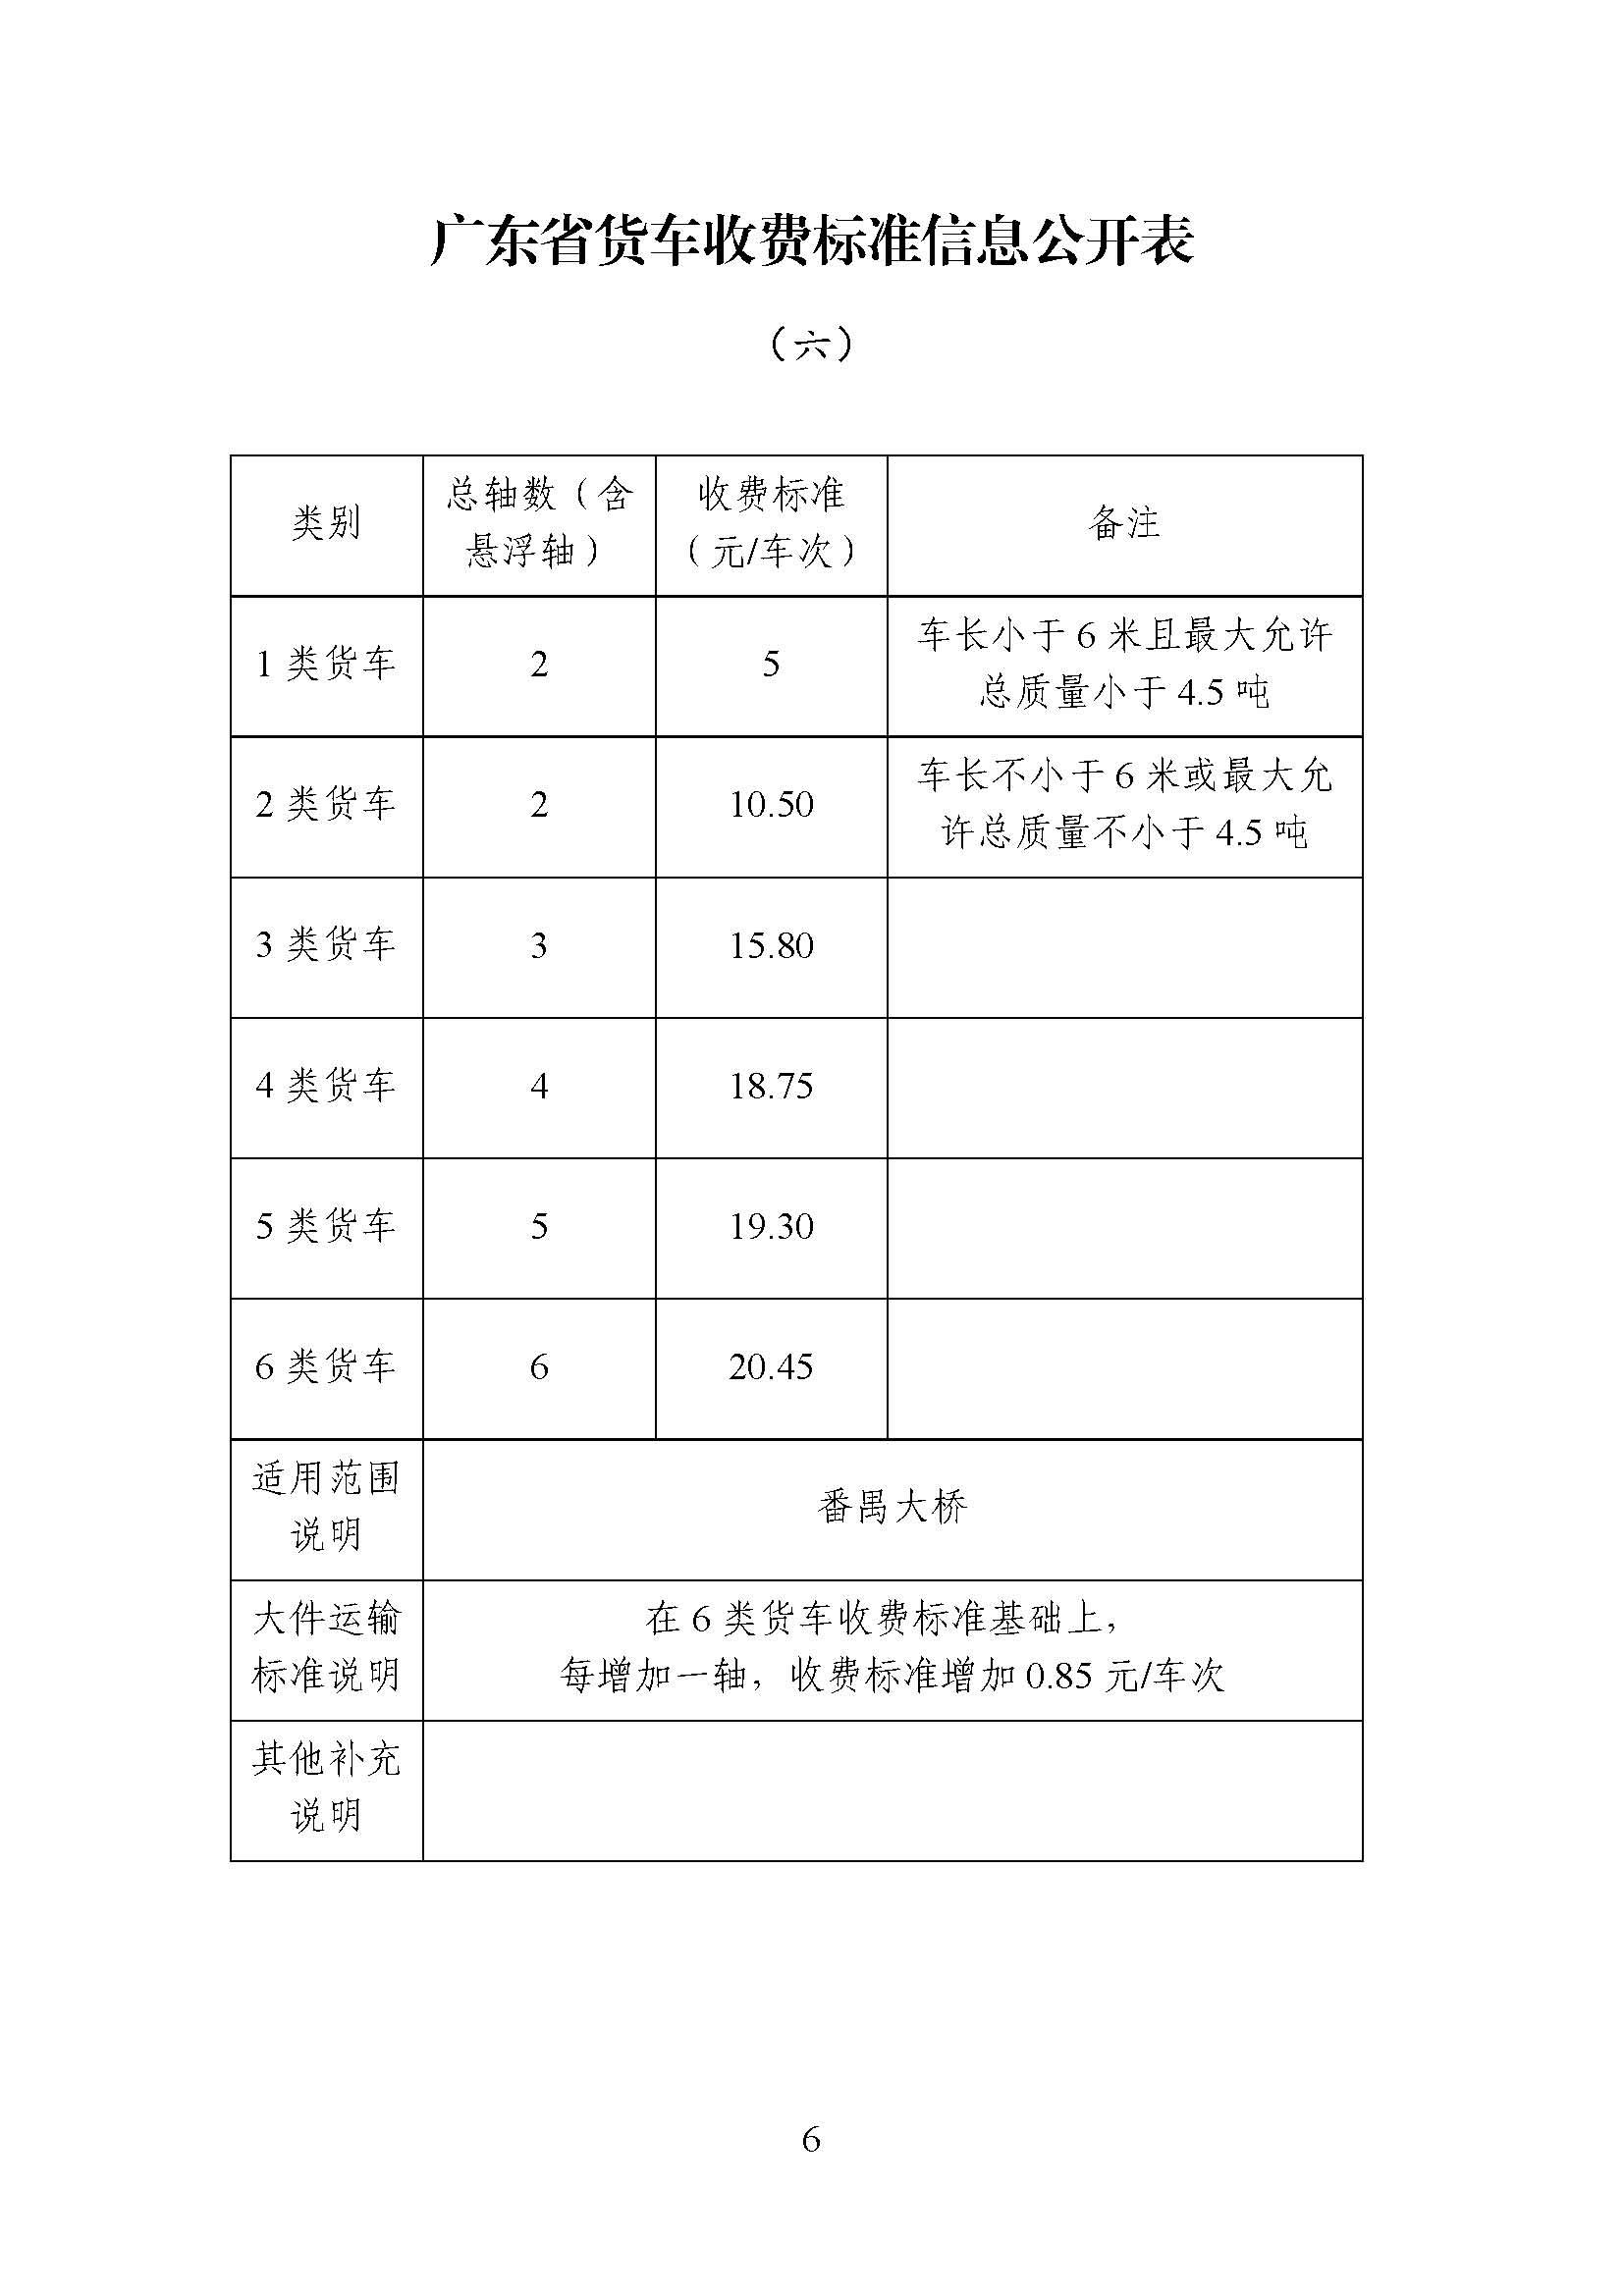 ad1da74c-b998-4817-a7cc-1abe89cb3699